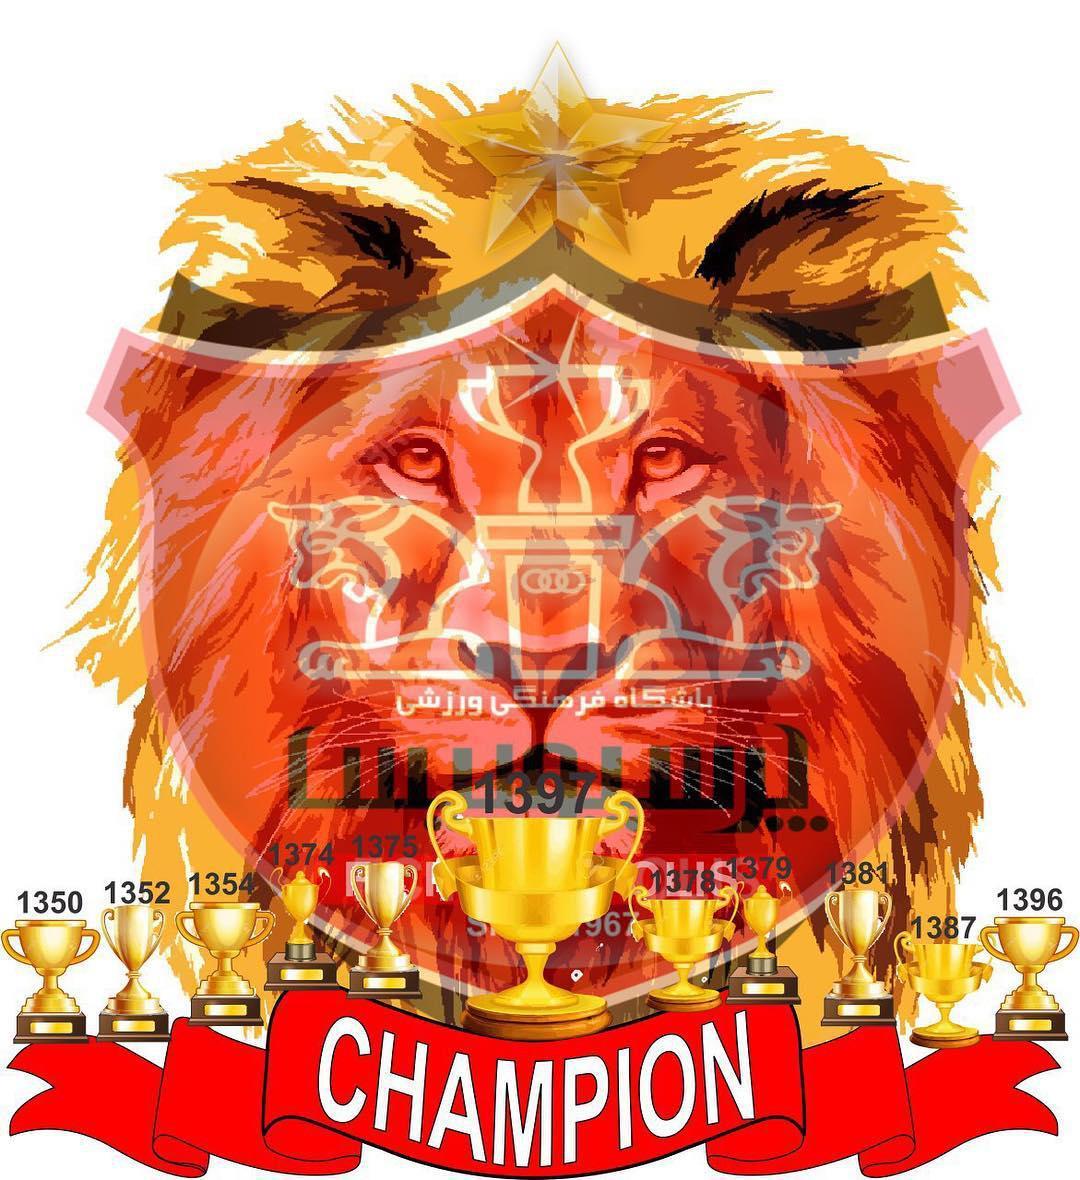 طرح موزاییکی پرسپولیس در جشن قهرمانی مشخص شد